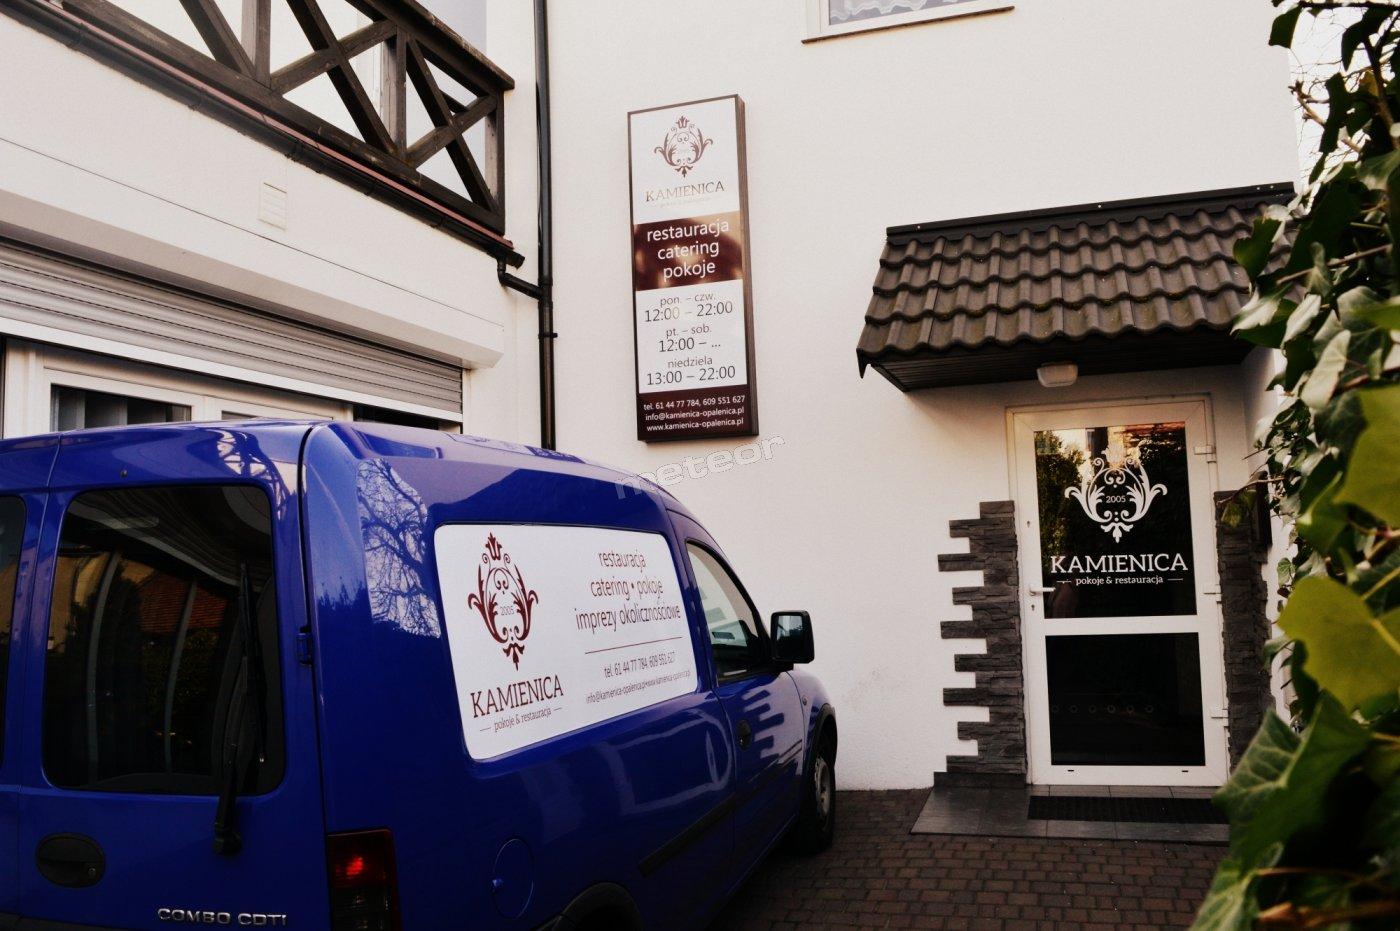 Kamienica Pokoje & Restauracja